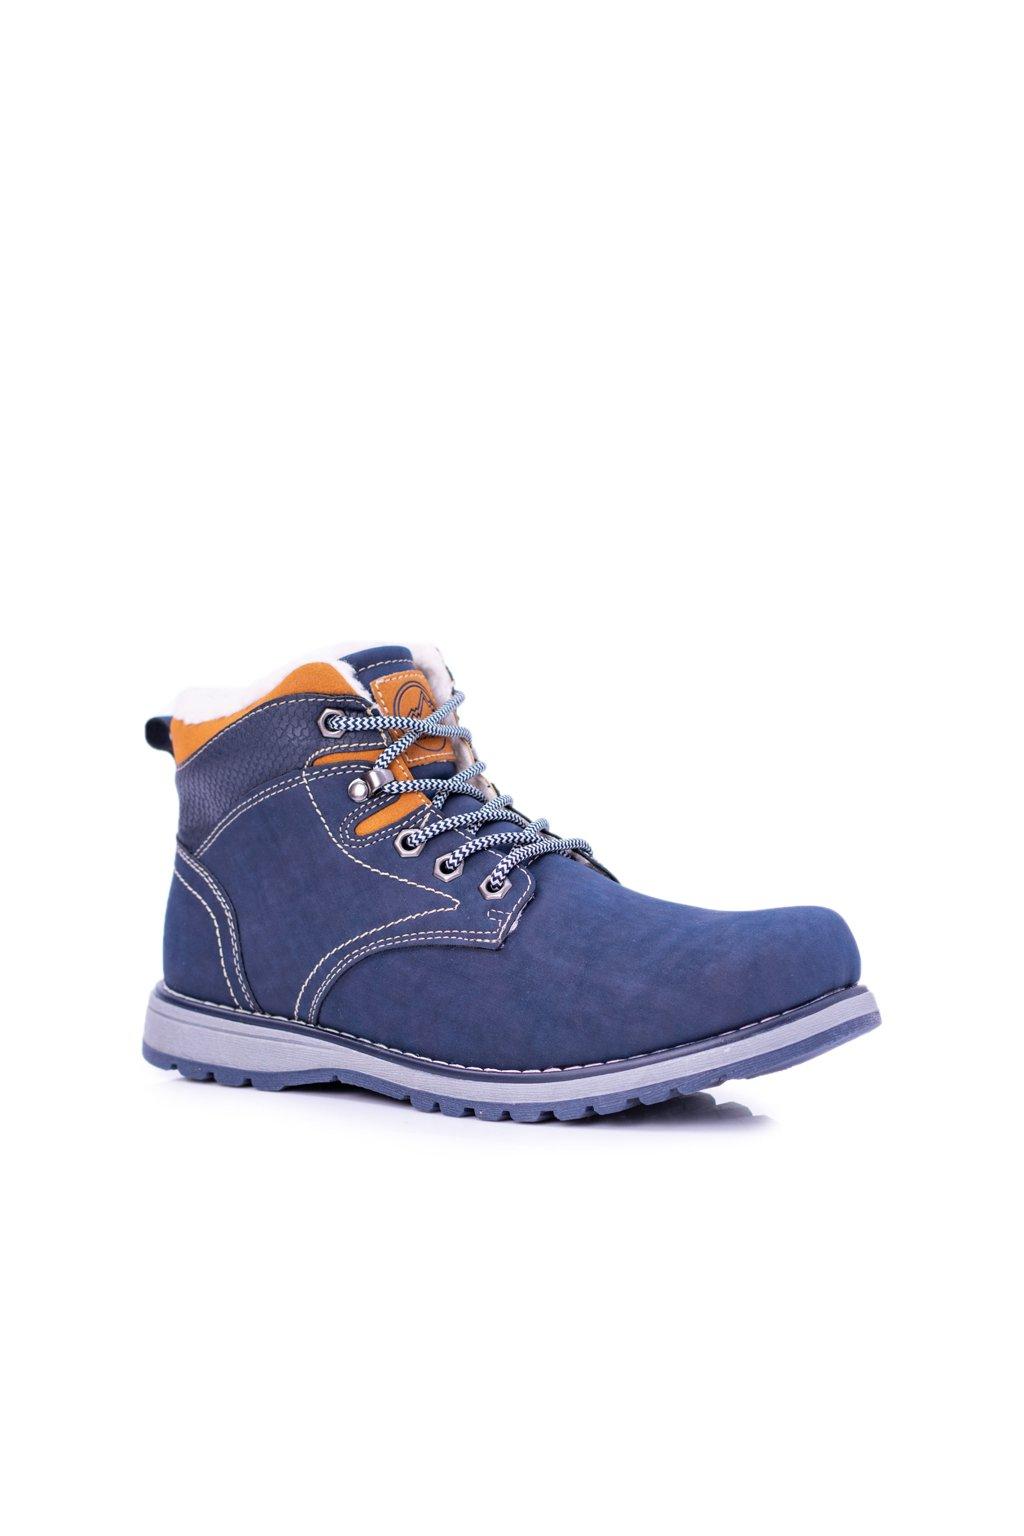 Teplé tmavo modré panské Trekkingové topánky Nuss